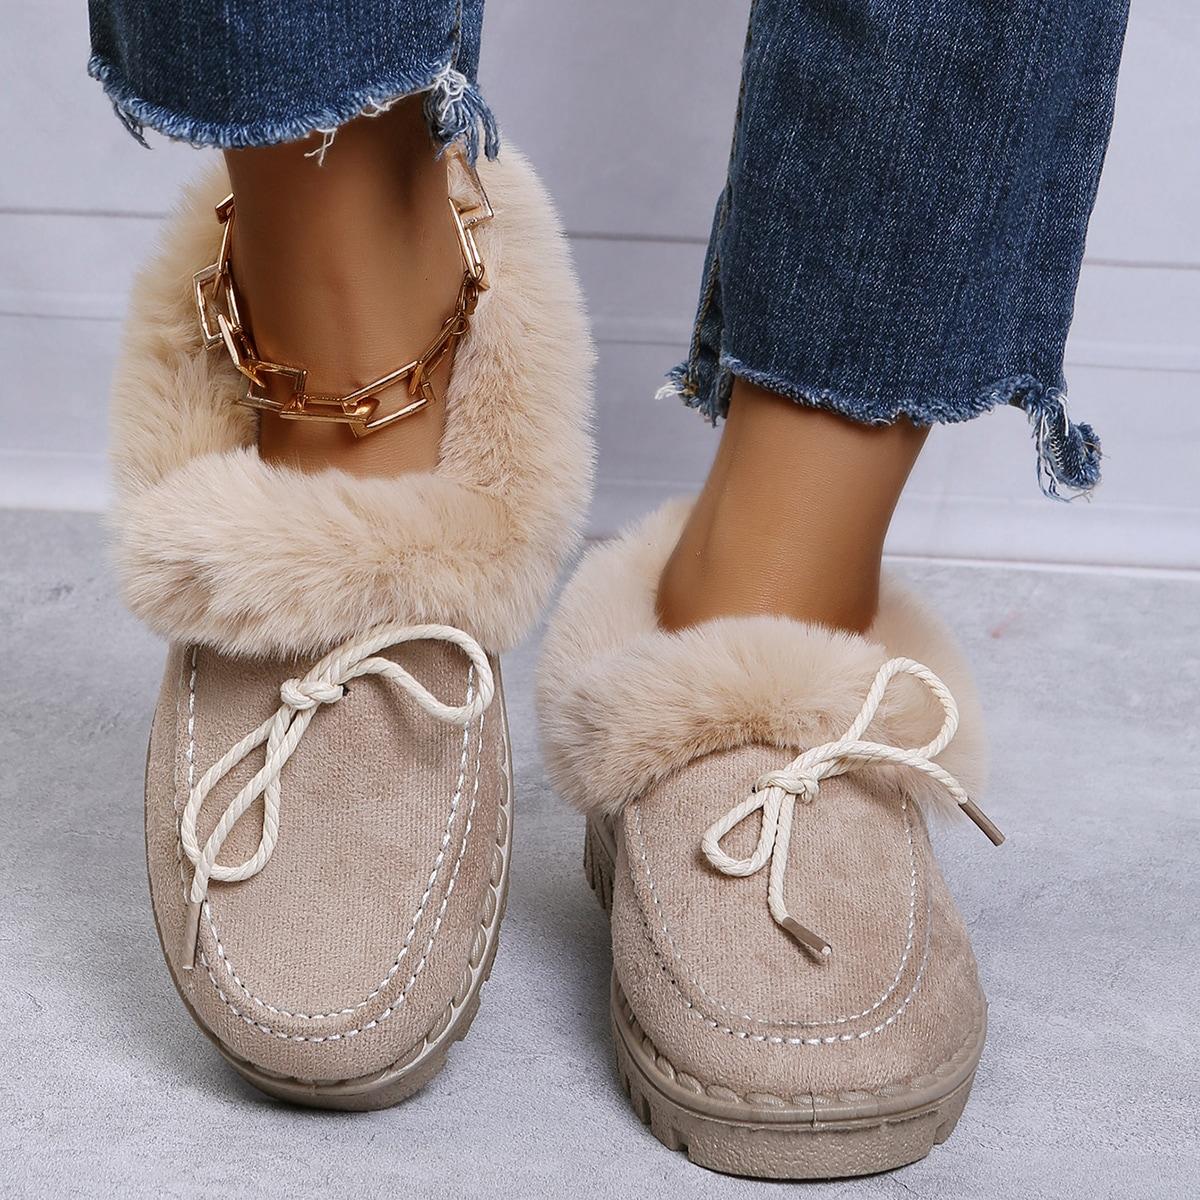 Зимние сапоги на шнурках из плюша